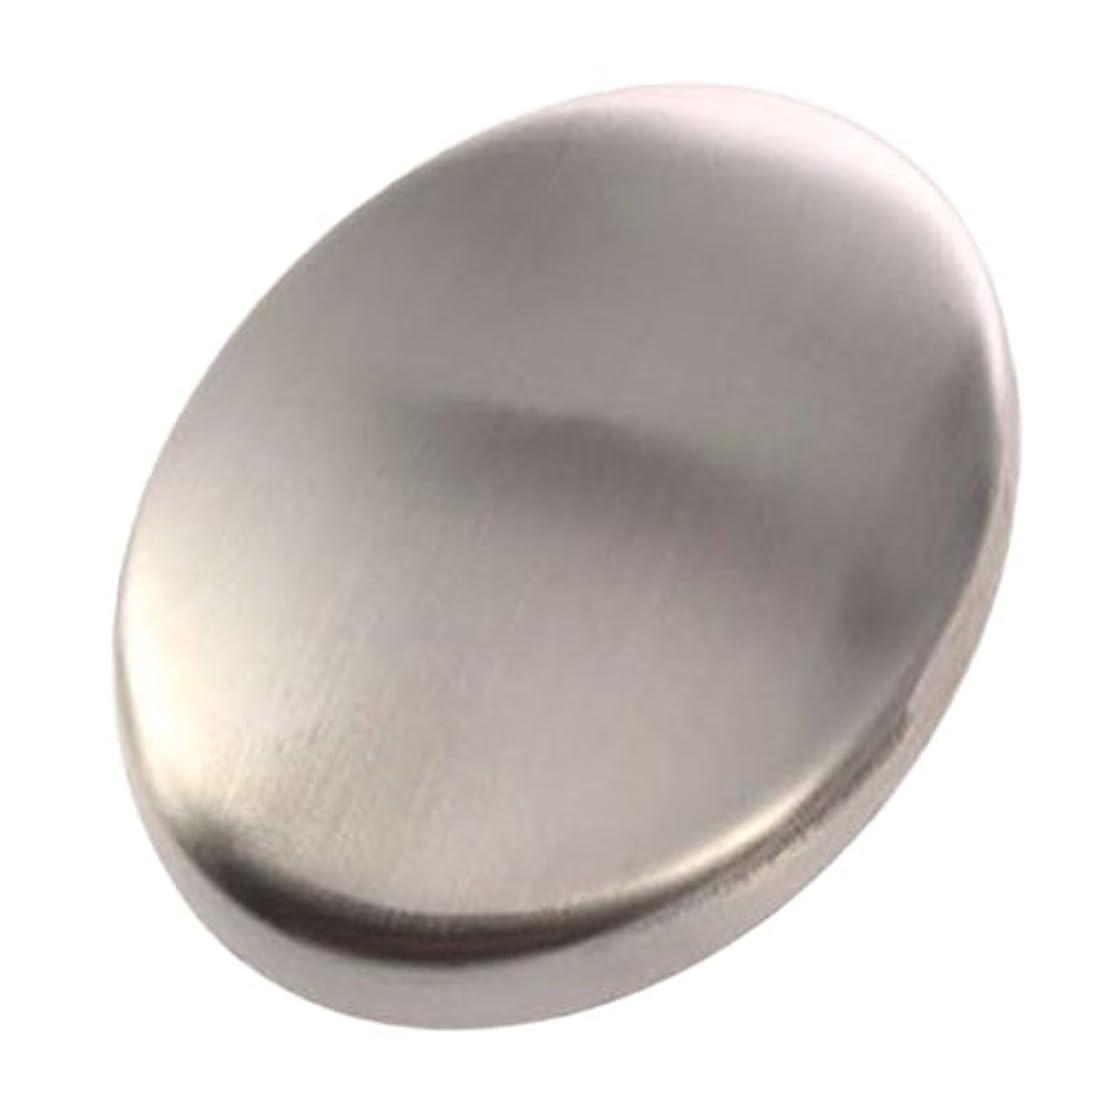 増加する主苦悩Zafina ステンレスソープ 円形 においとりソープ 臭い取り ステンレス石鹸